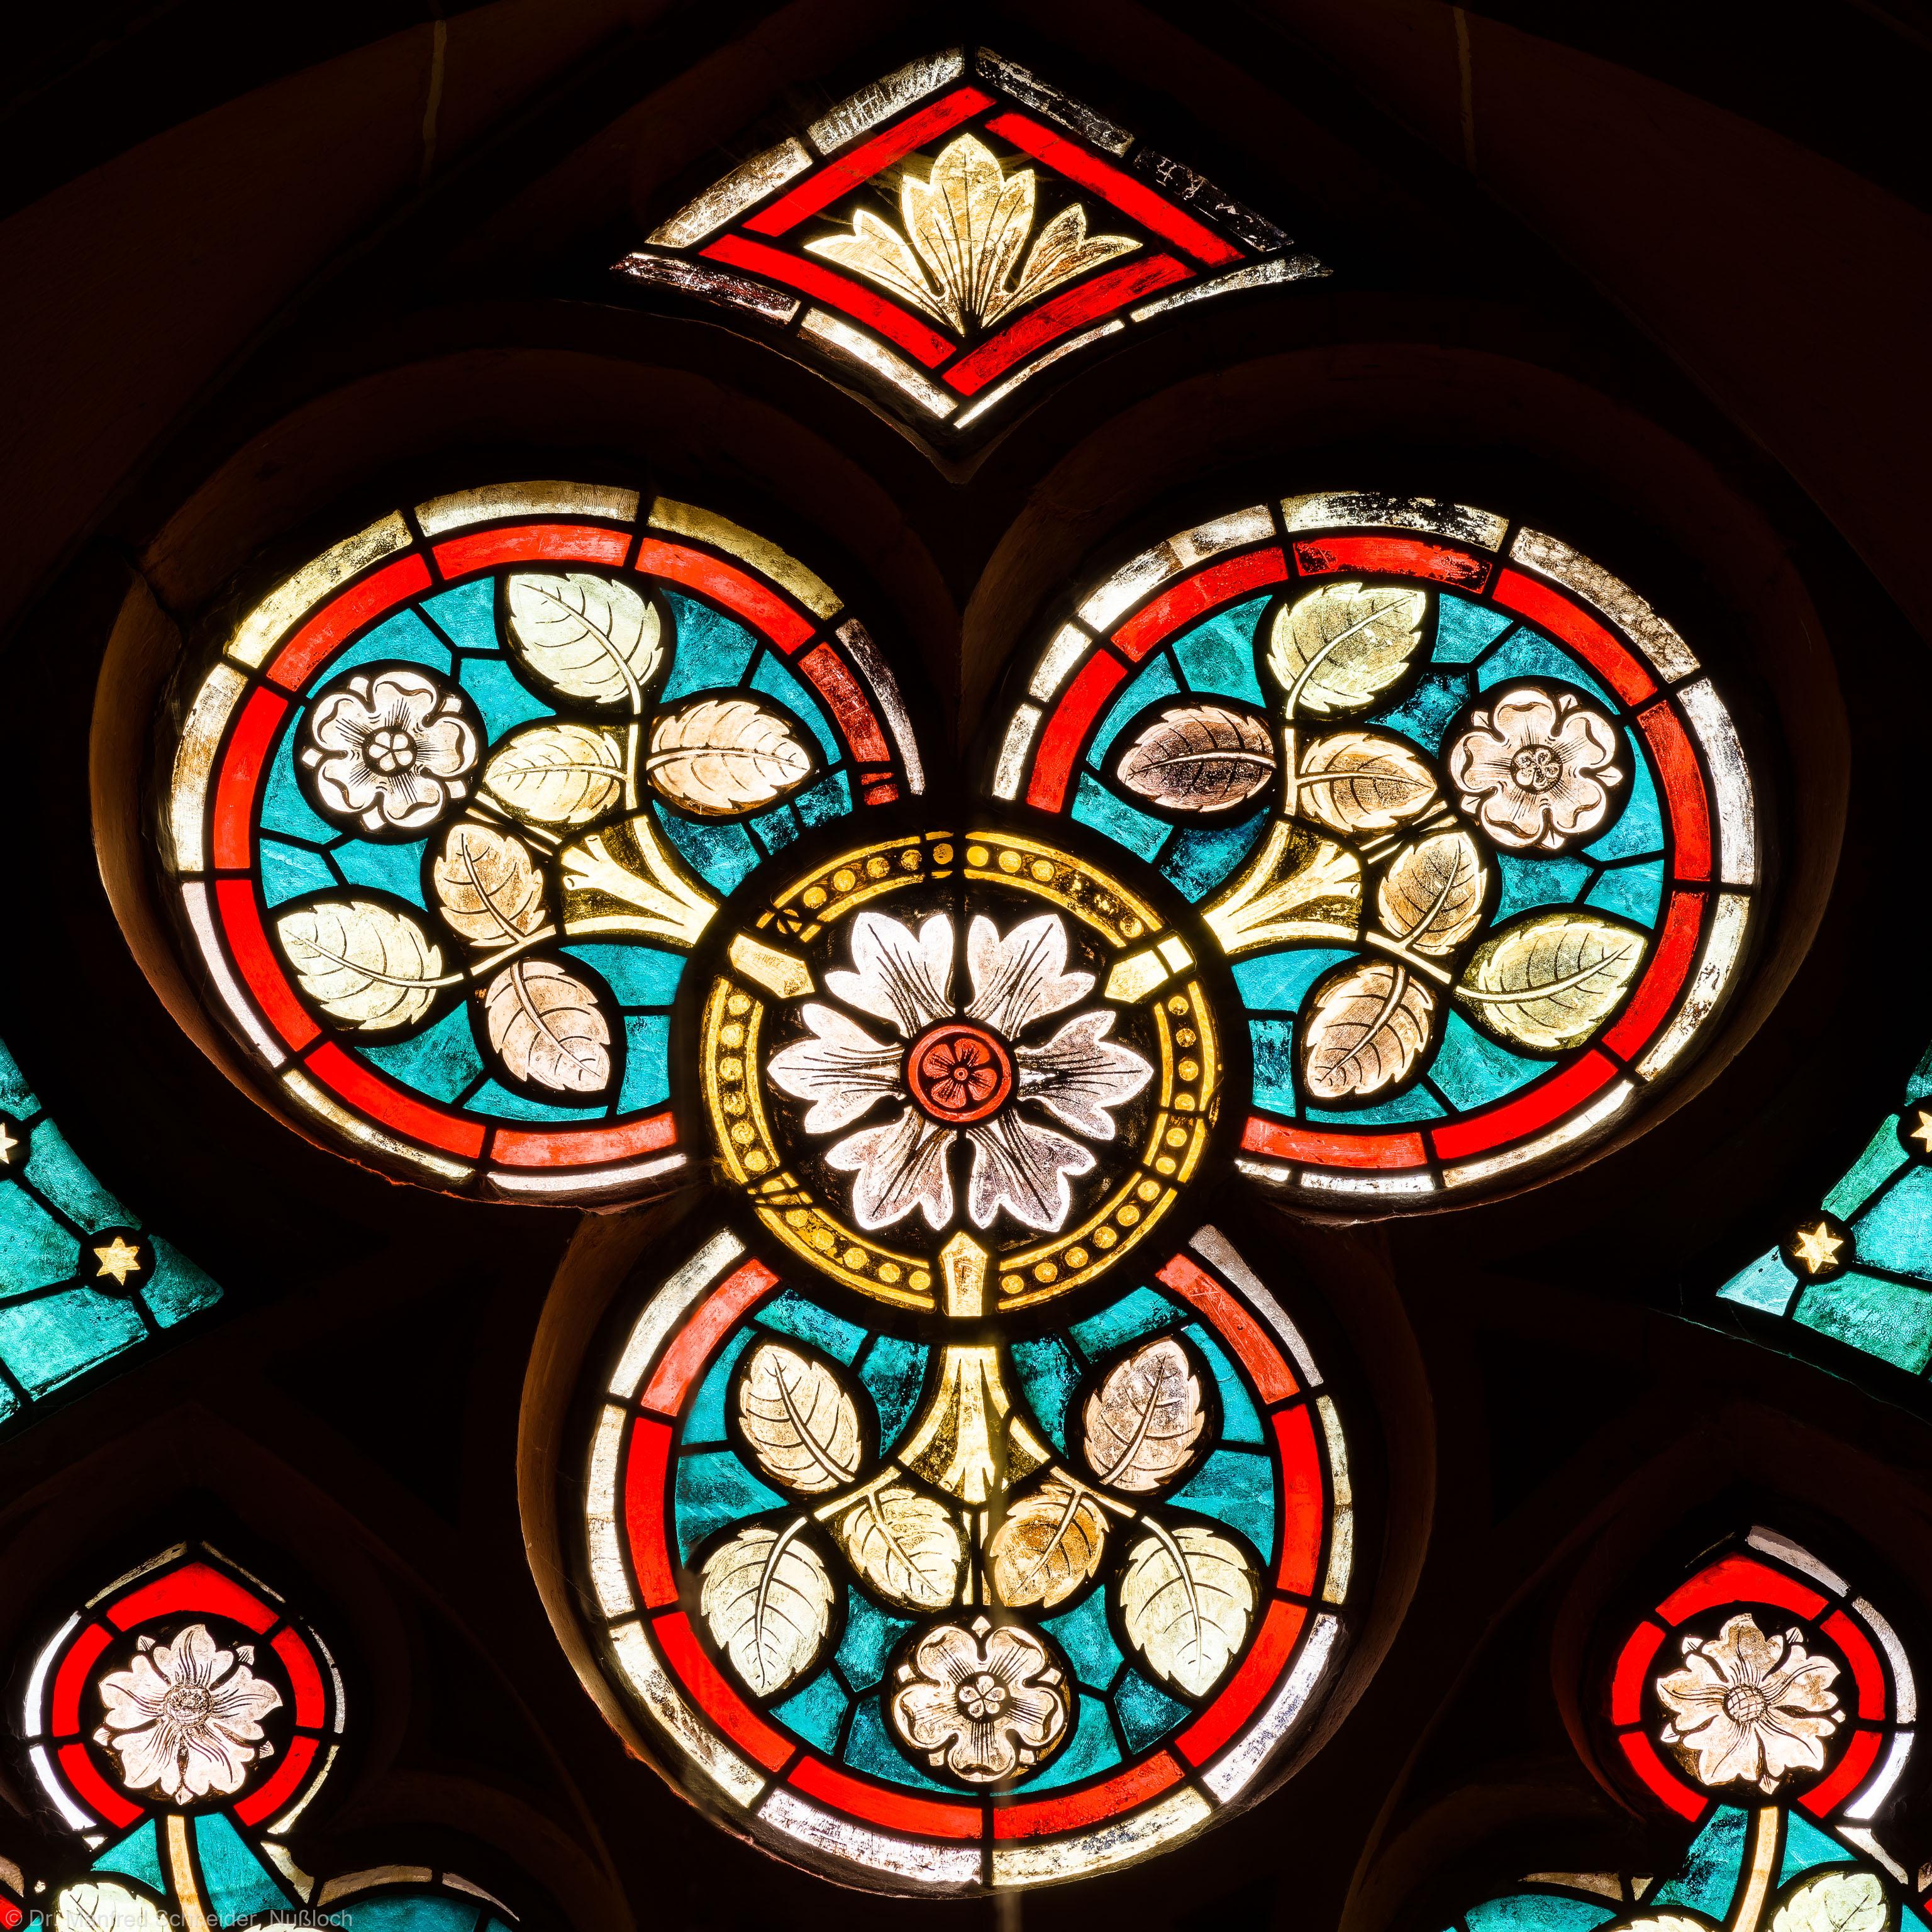 Heidelberg - Heiliggeistkirche - Südschiff - 2. Joch, von Westen aus gezählt - Ausschnitt aus dem Maßwerk des Ornamentfensters (aufgenommen im März 2013, am Nachmittag)